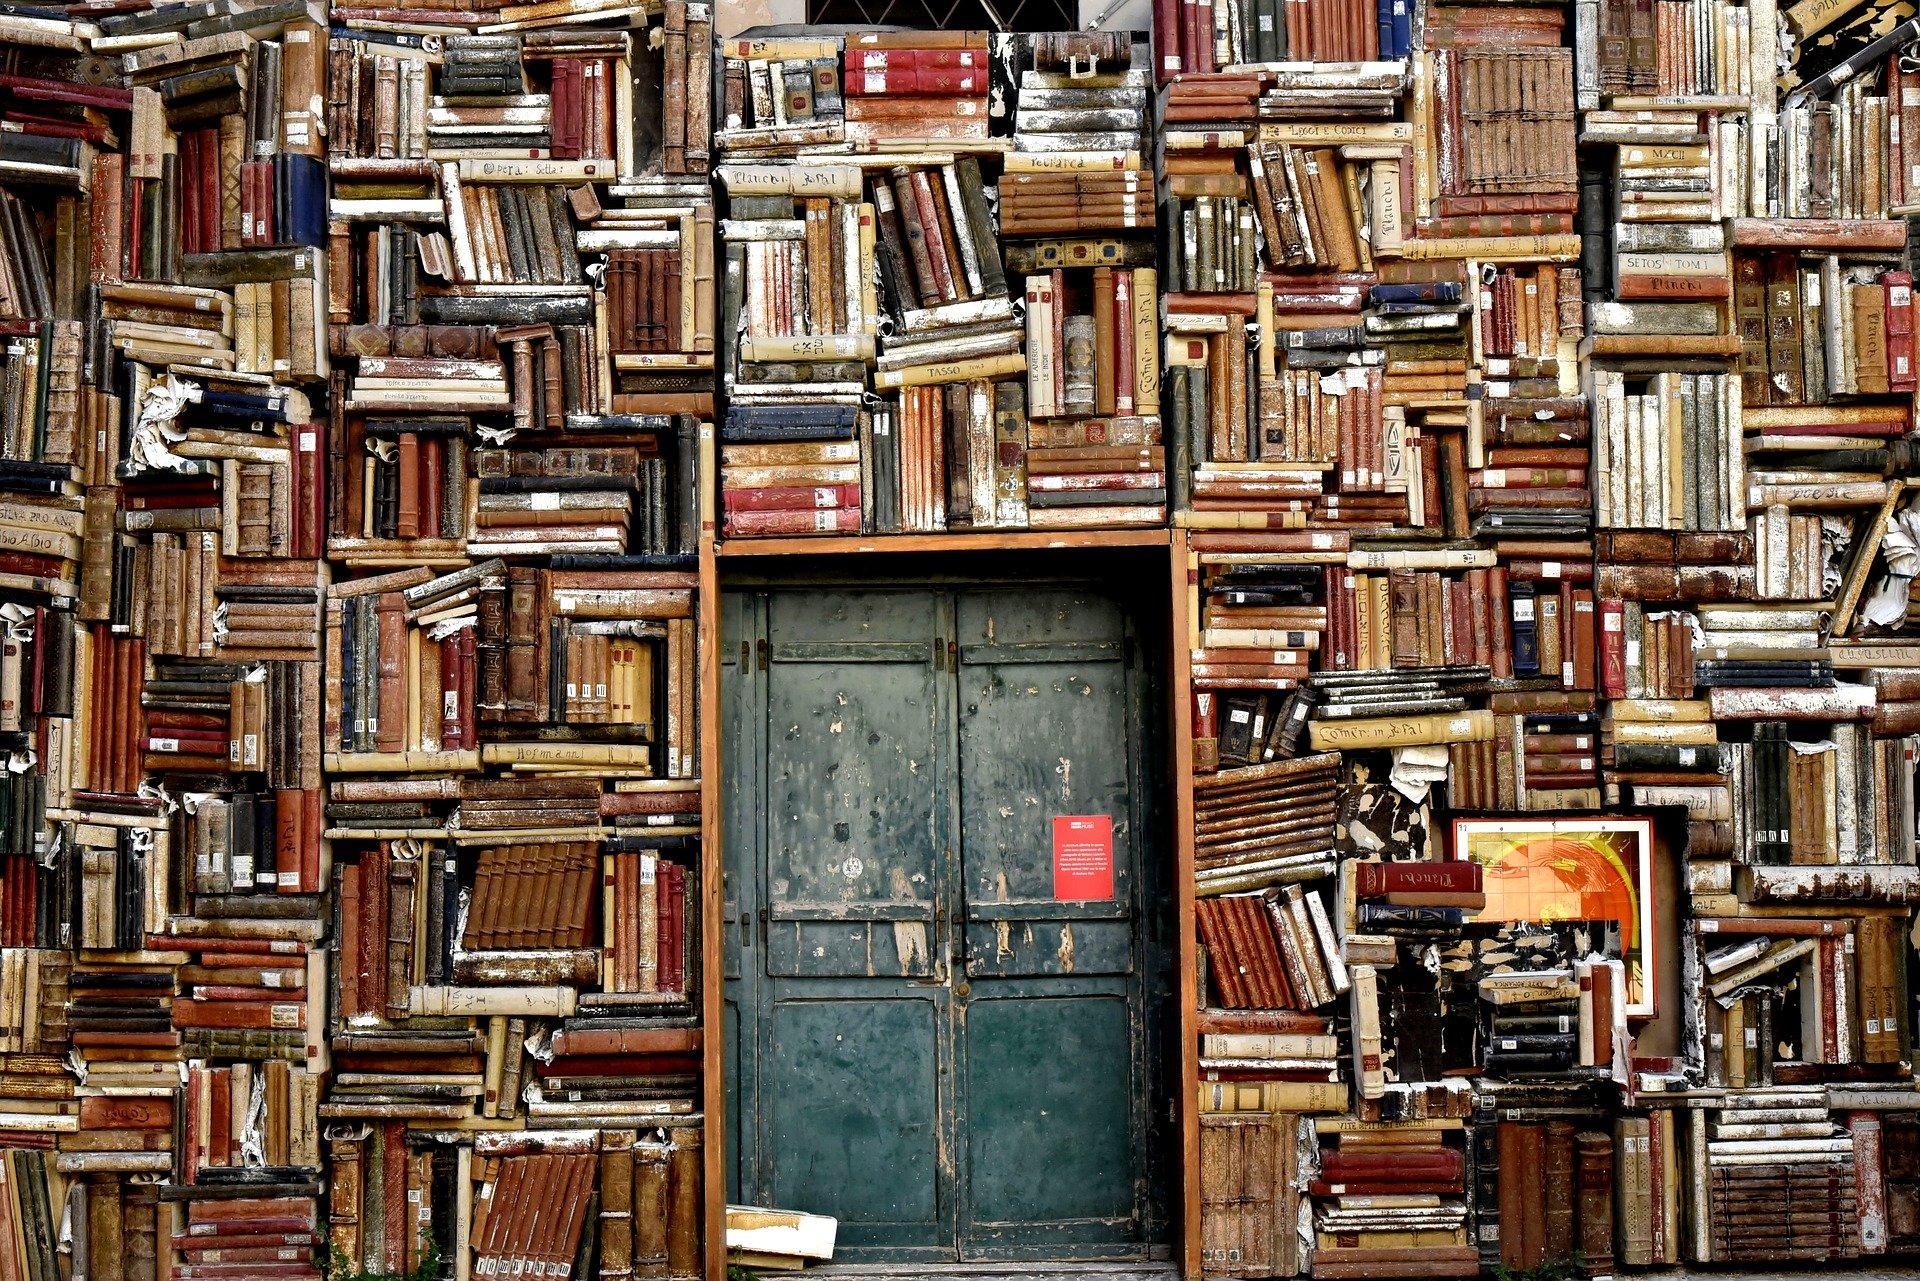 Biblioteka szkolna jako pokój zagadek iniespodzianek